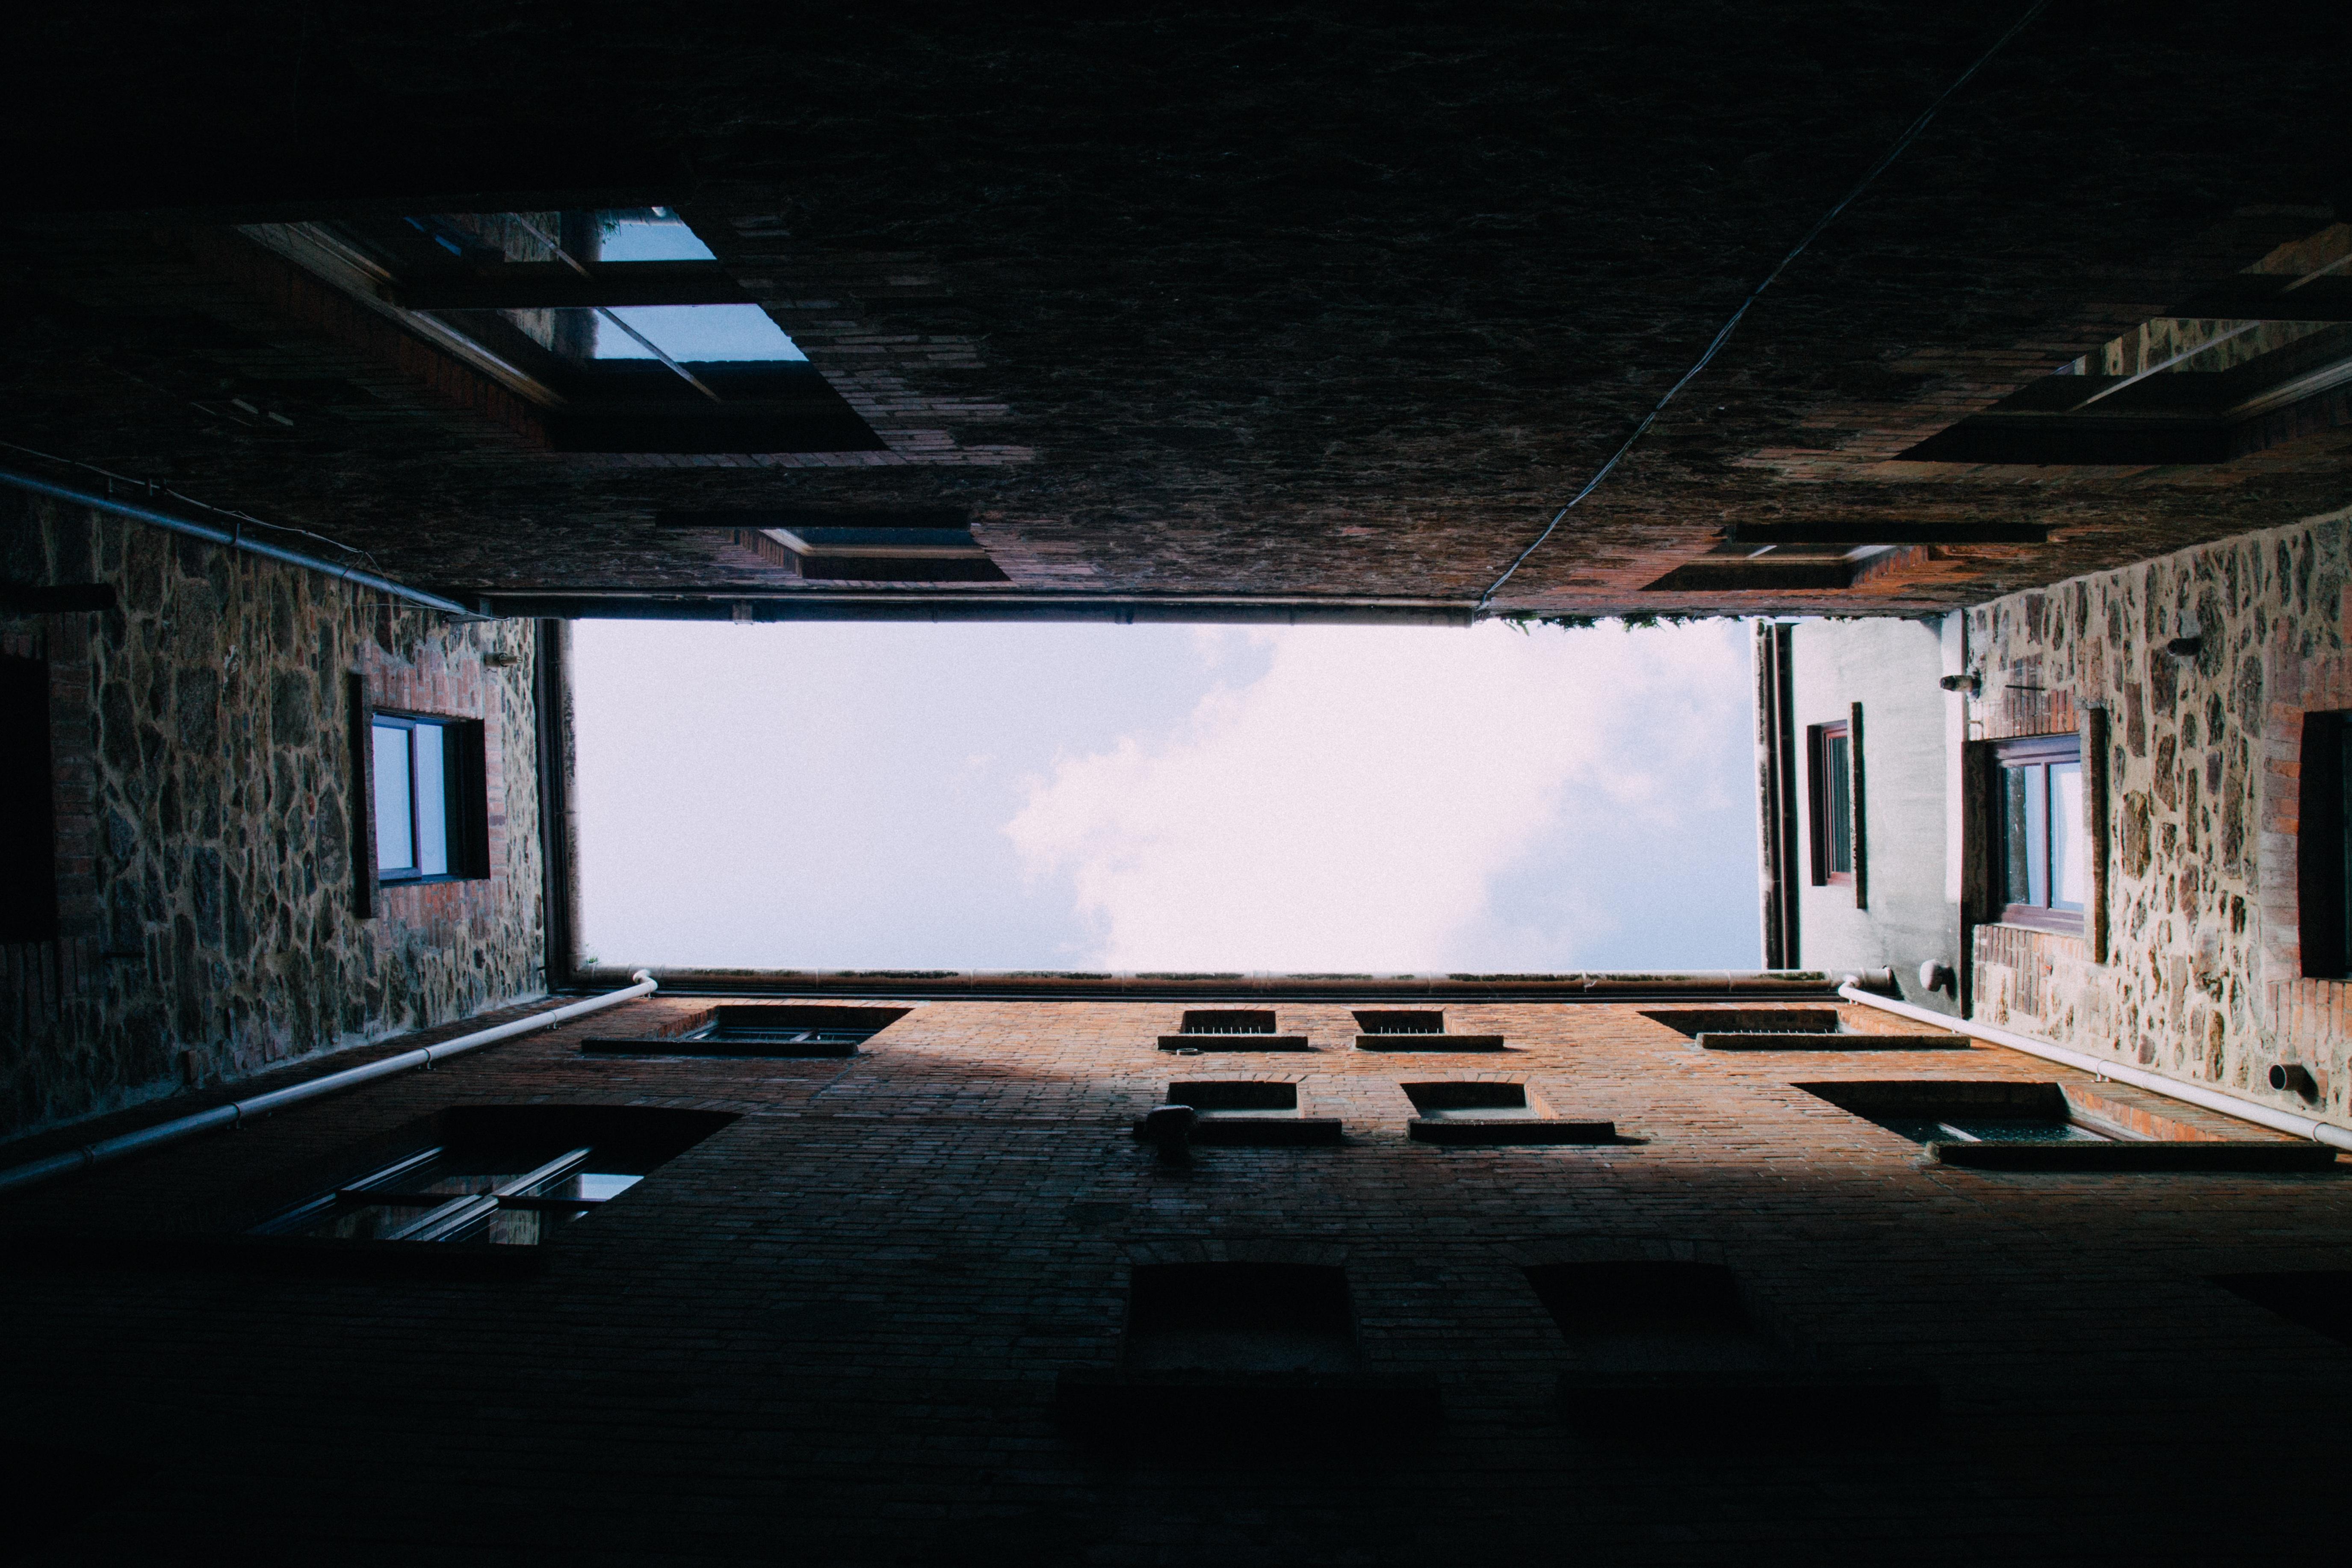 Images Gratuites : lumière, architecture, nuit, maison, obscurité ...